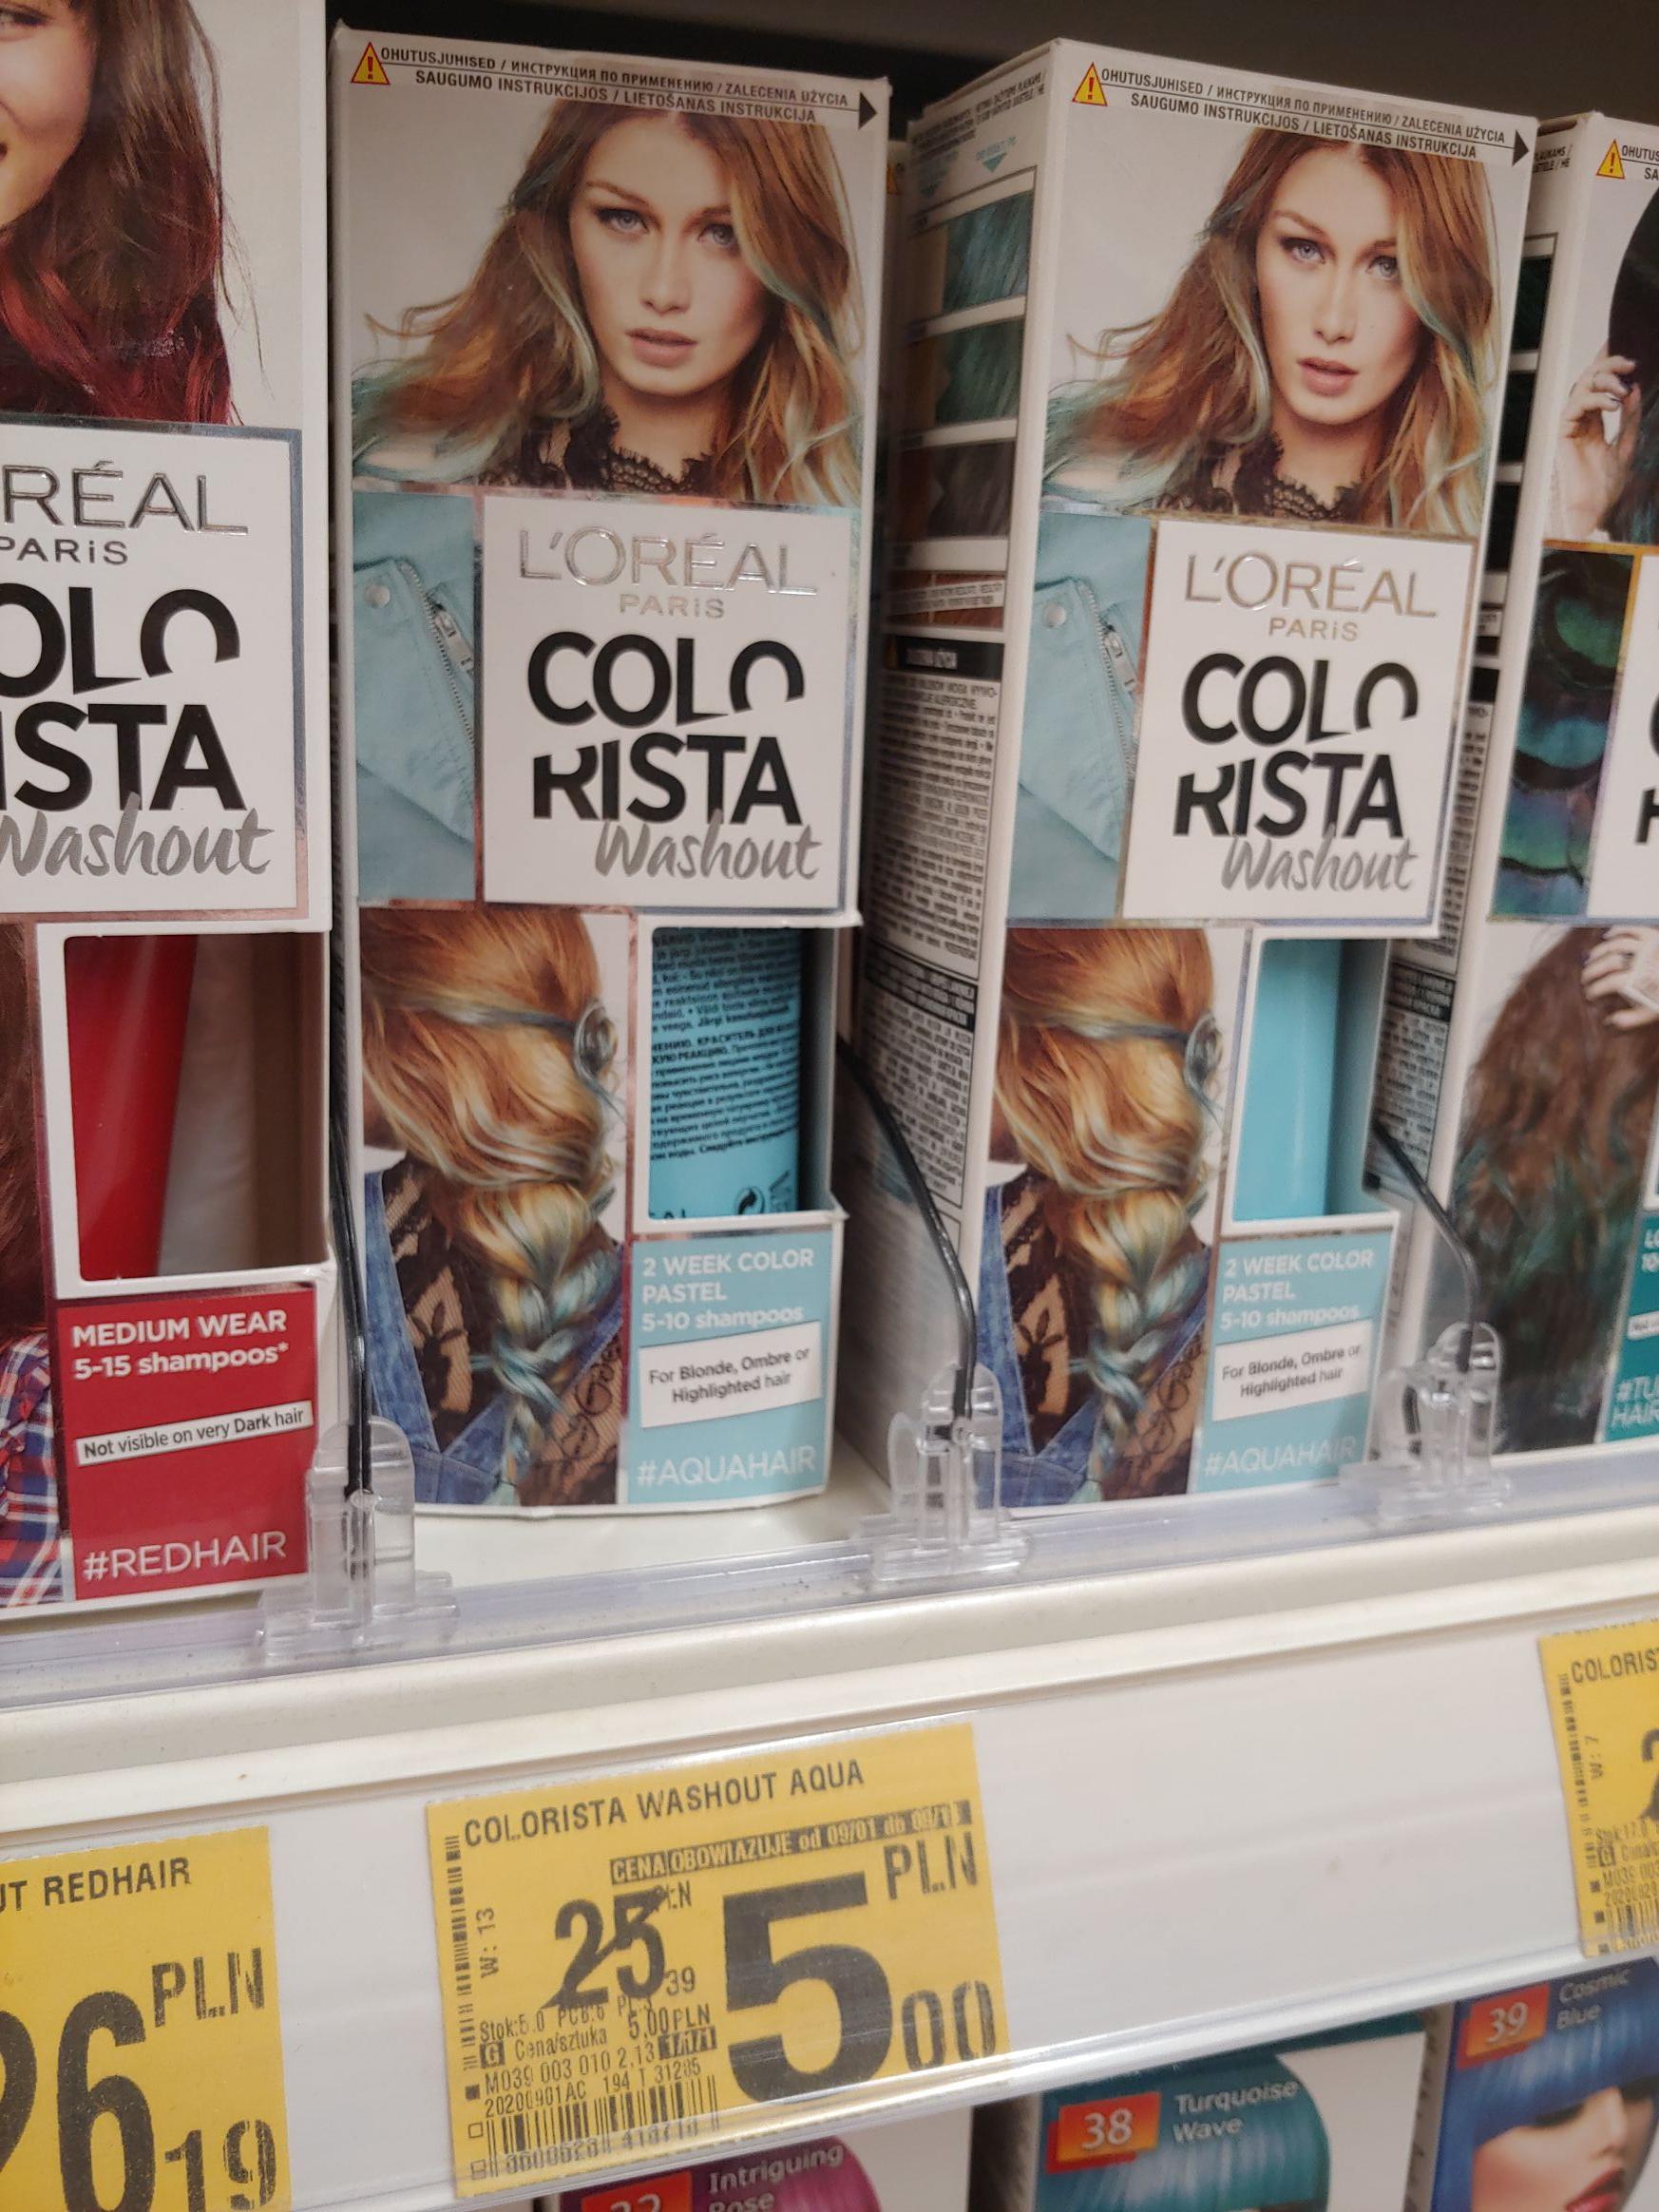 Colorista farba do włosów niebieska i żółta